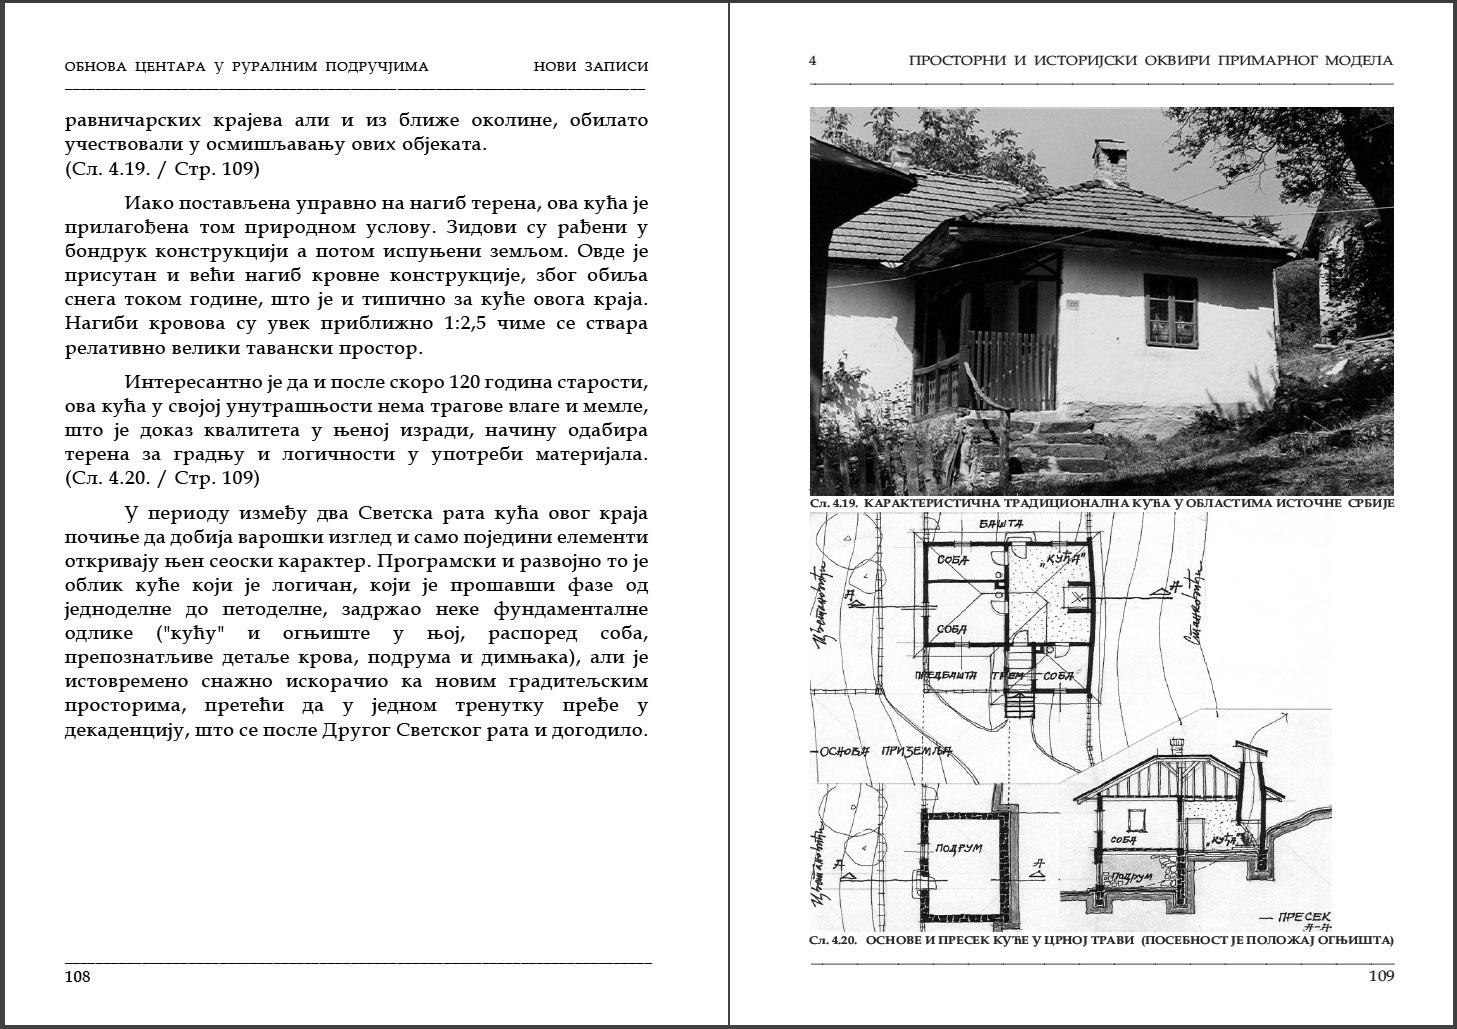 Obnova_centara_u_ruralnim_podrucjima–Novi_zapisi_108-109